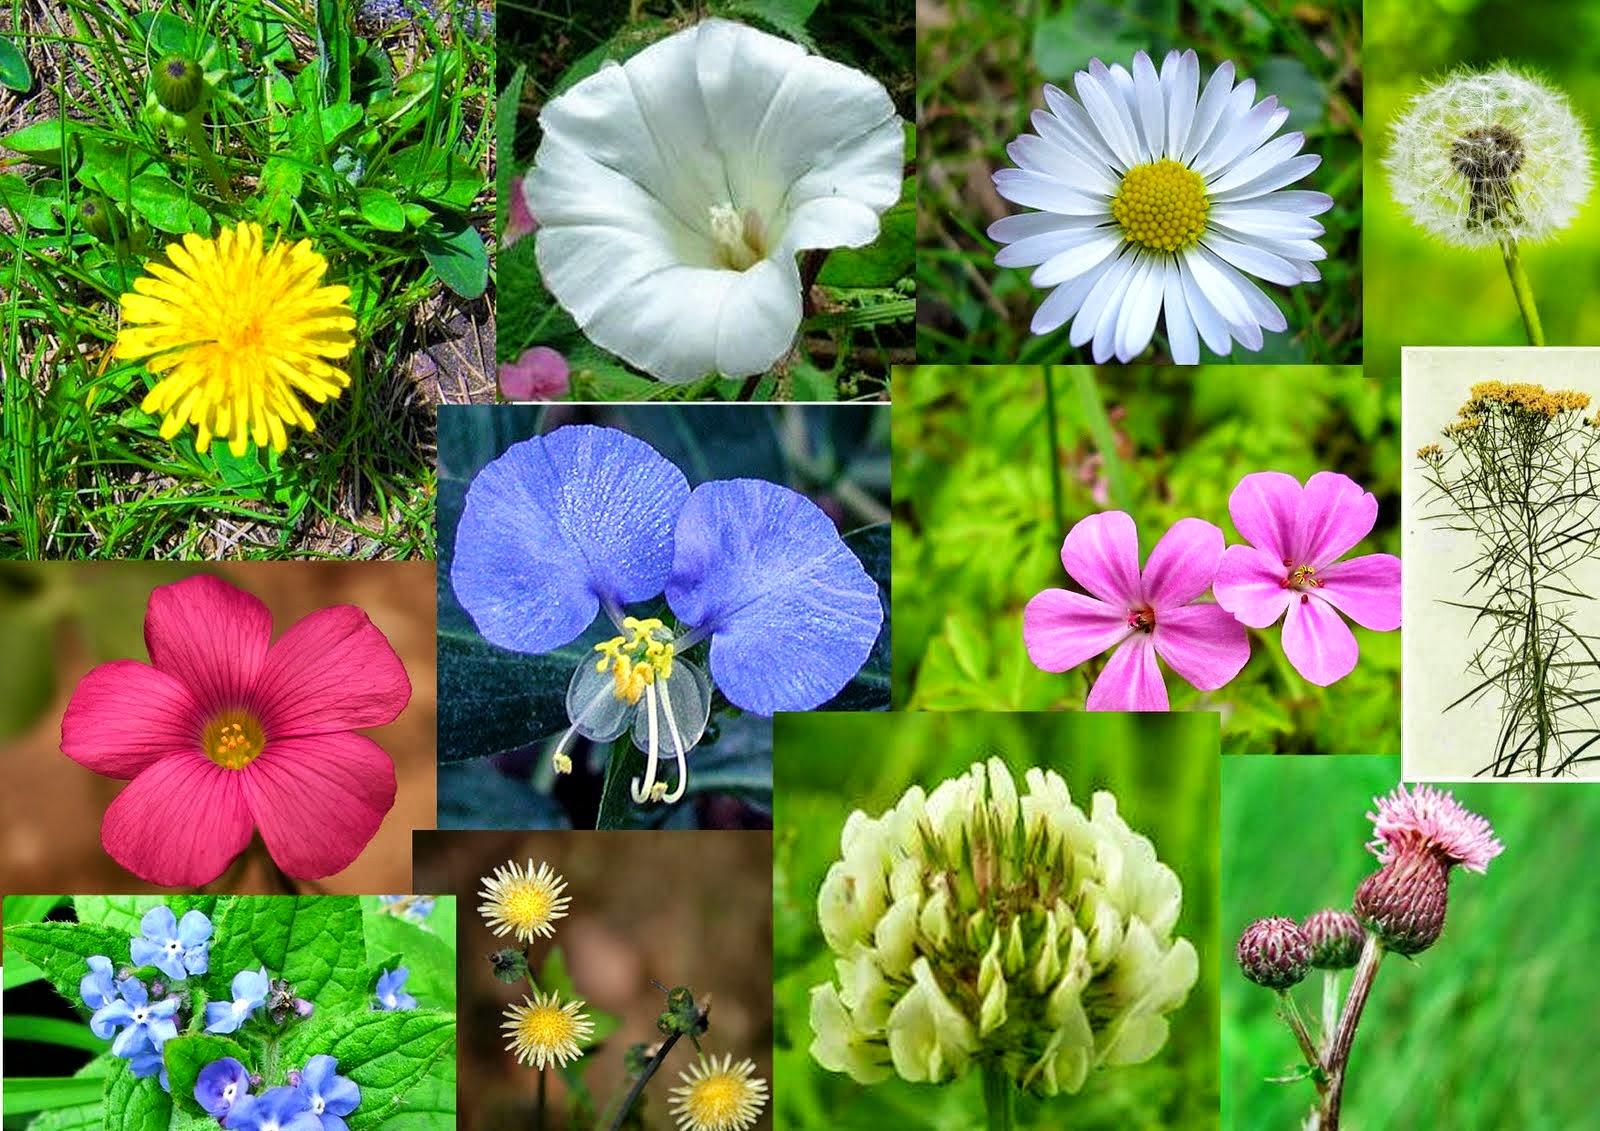 اسم ازهار بالانجليزي  Flowers names in English